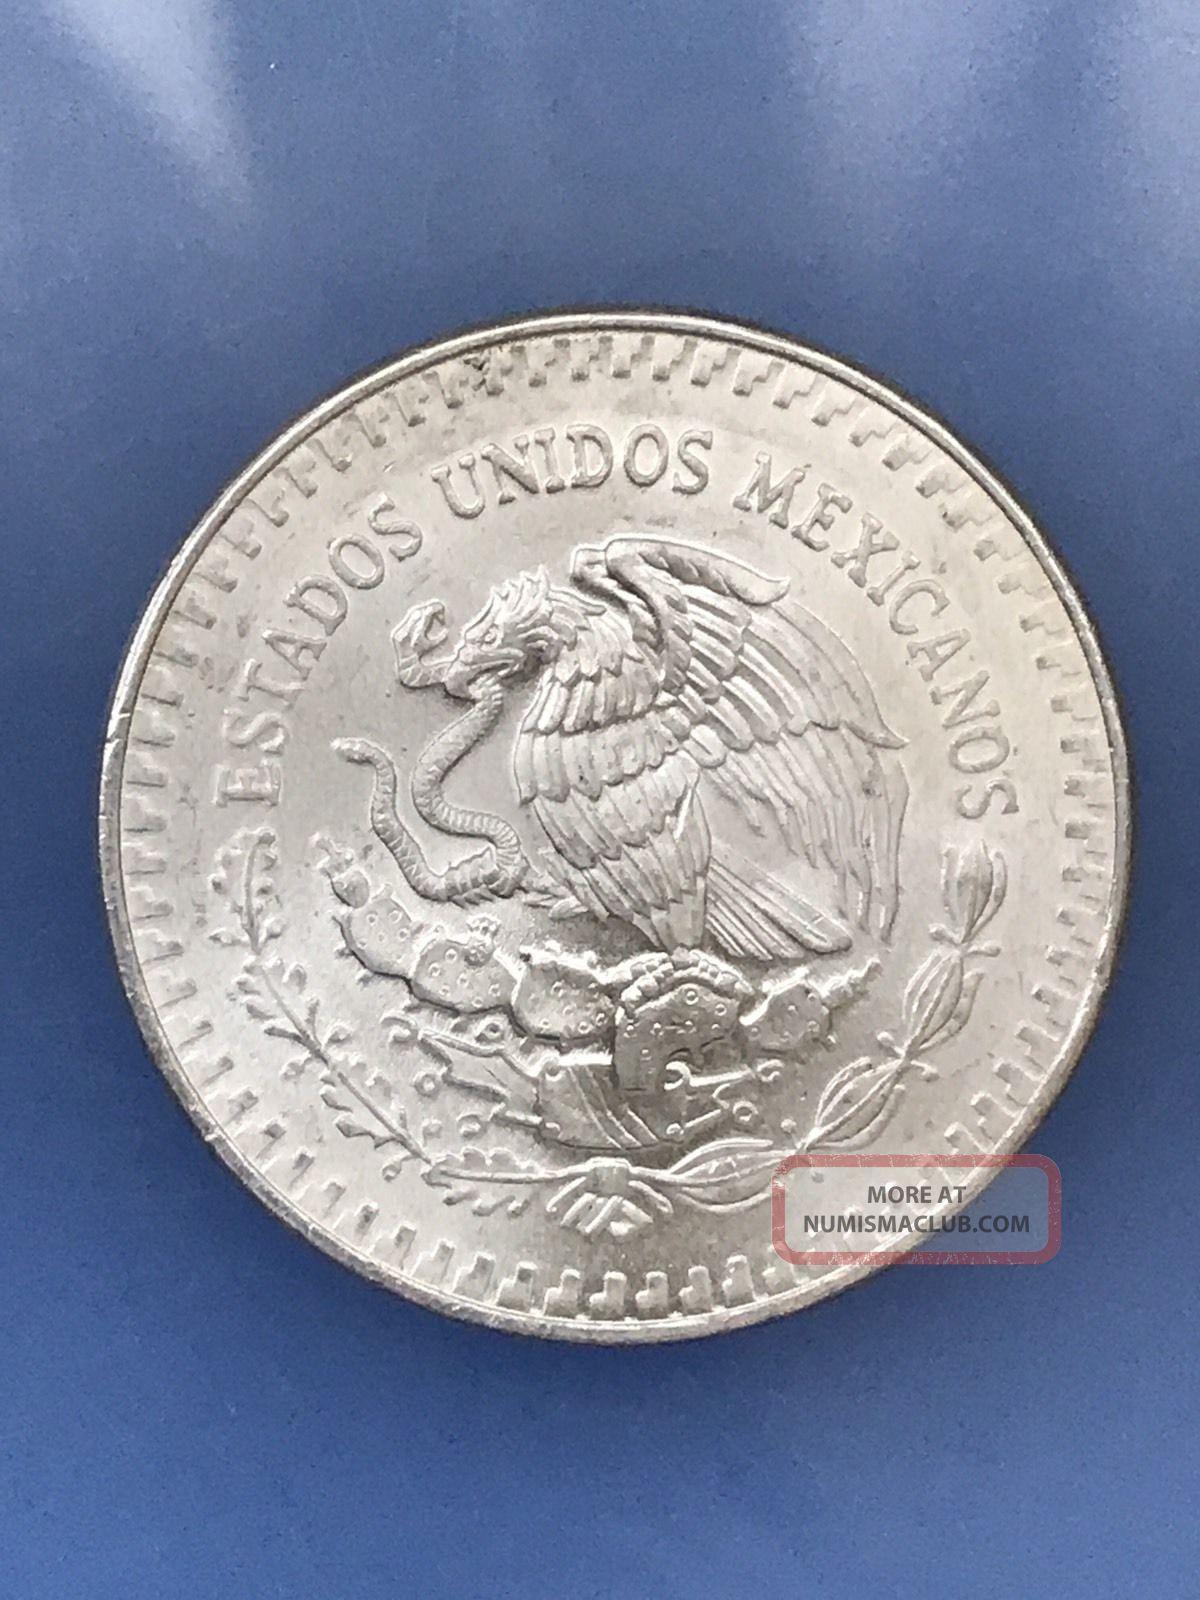 1983 Mexico Libertad 1 Oz Onza 999 Silver Plata Pura